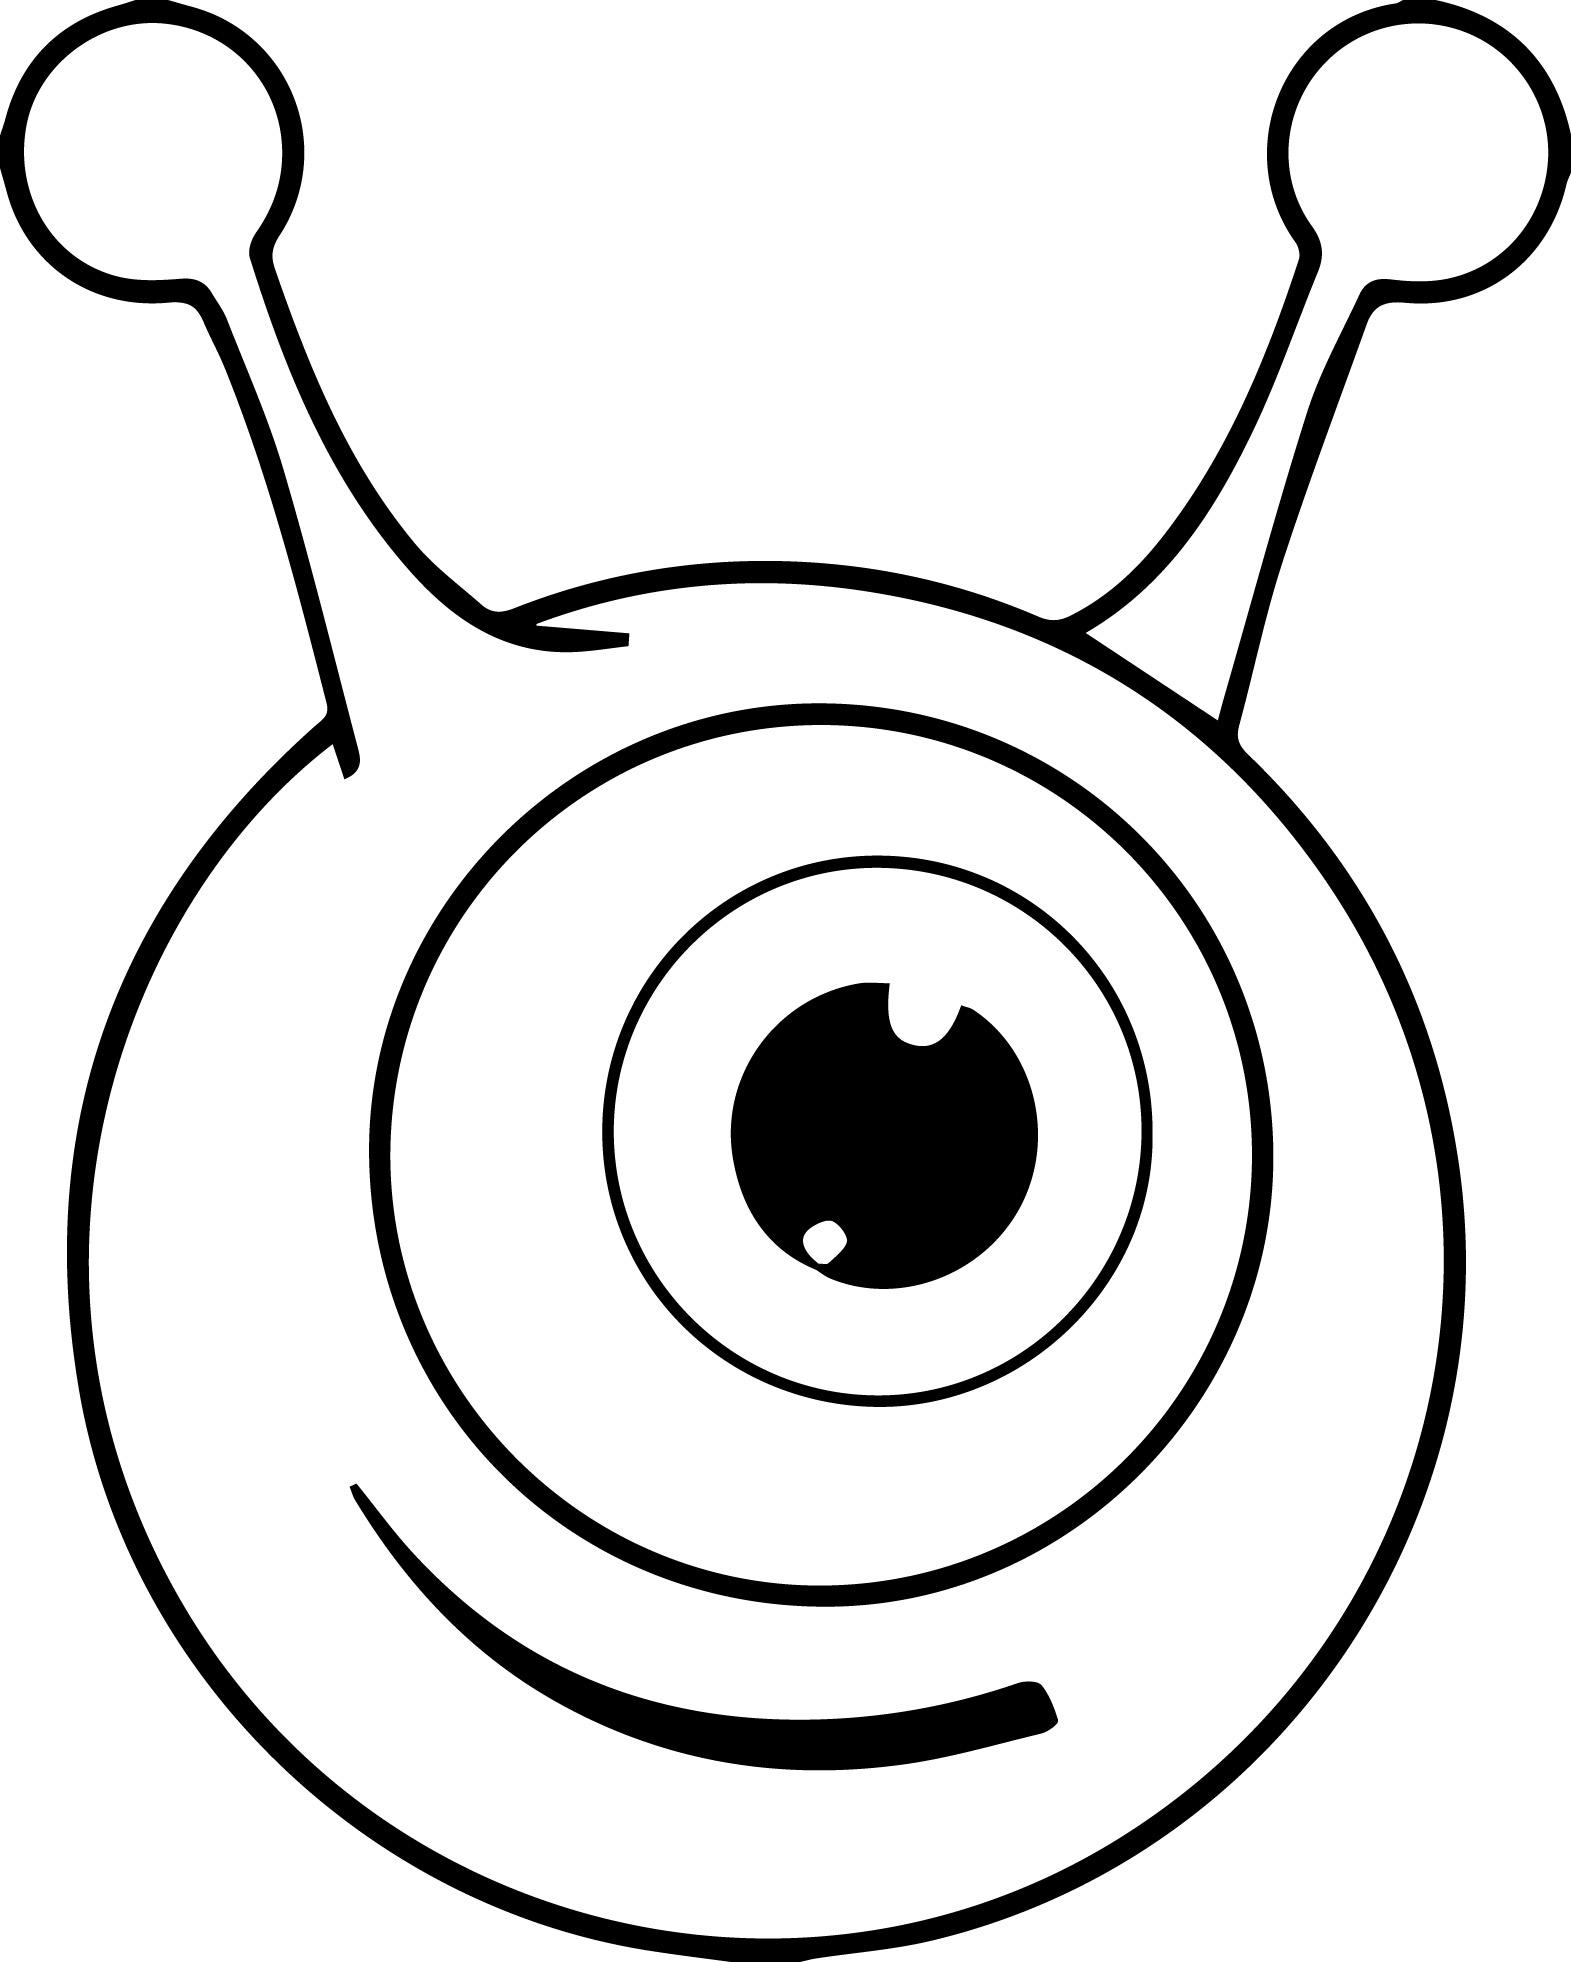 1571x1962 Skill Eye Coloring Sheet Human Page